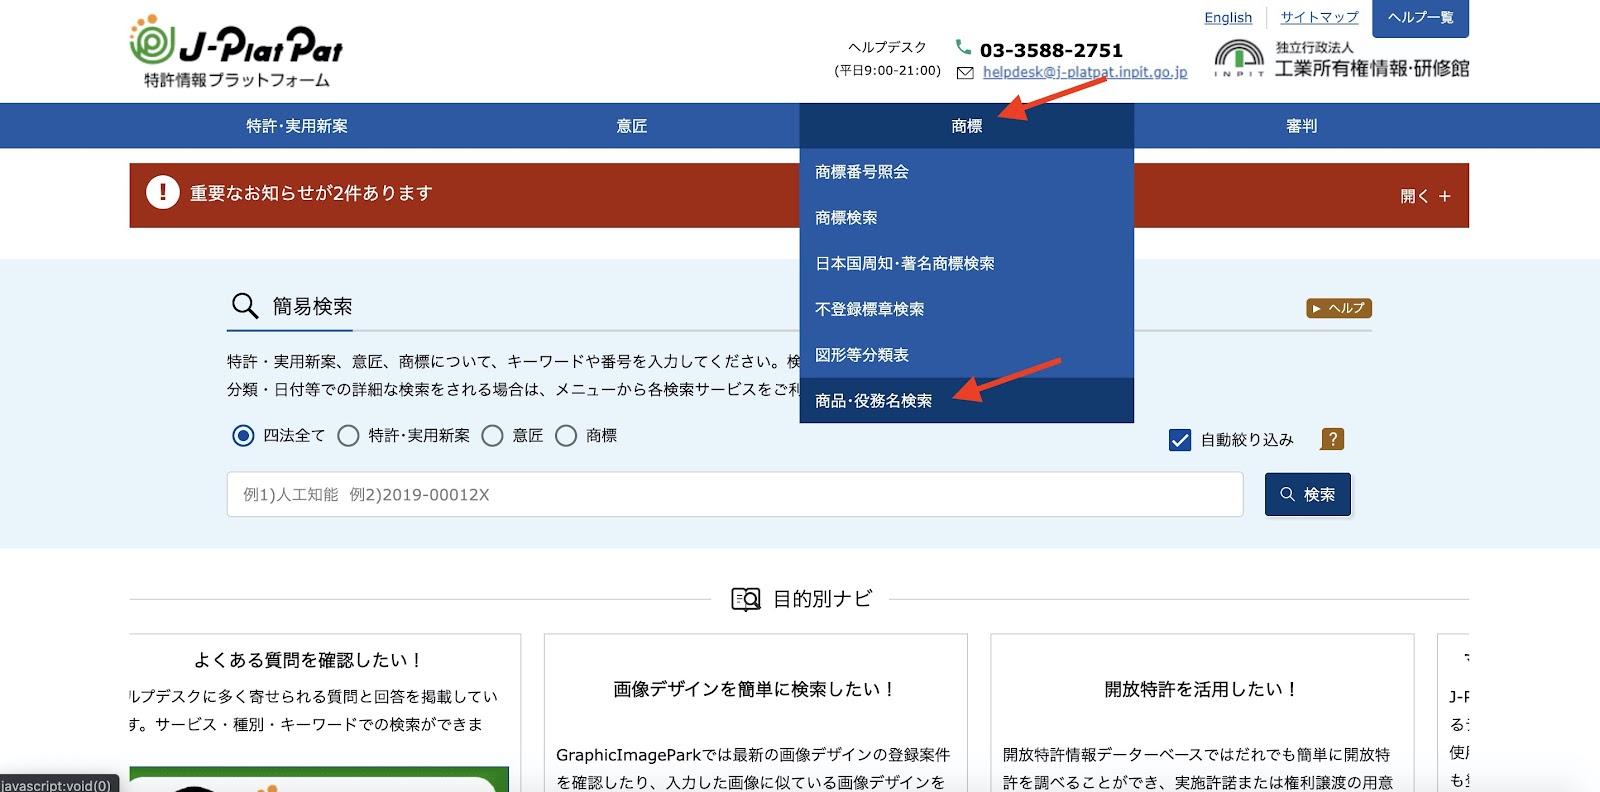 登録 検索 商標